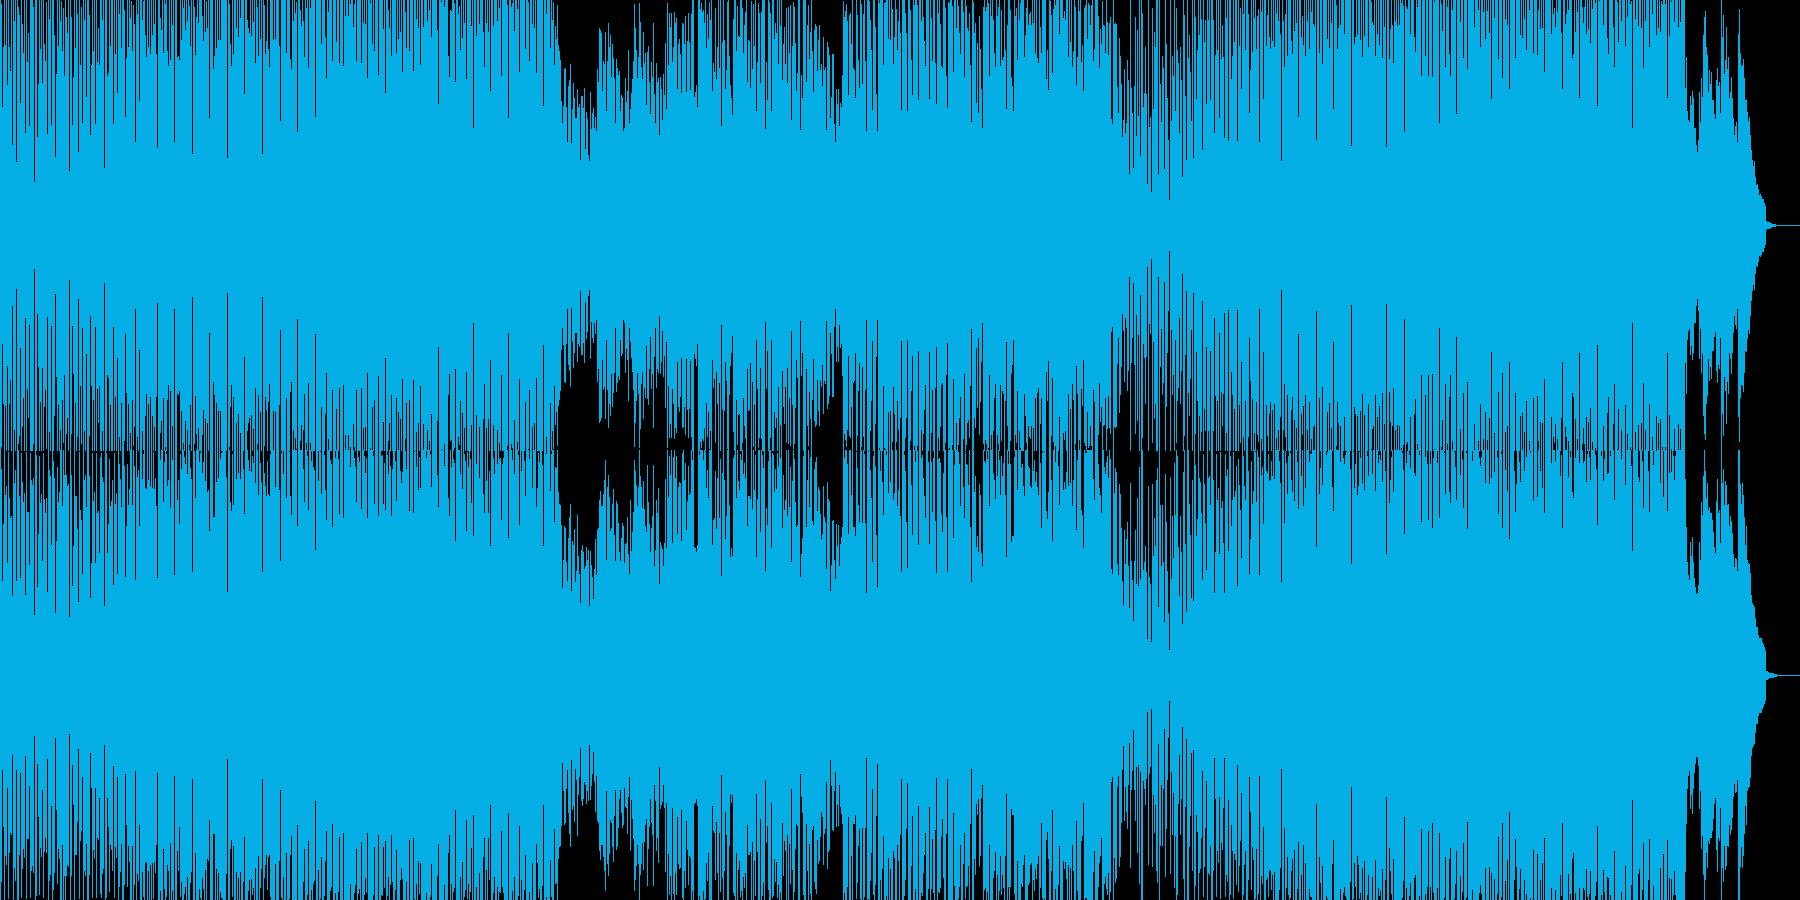 オシャレでシンプルなダンスミュージックの再生済みの波形